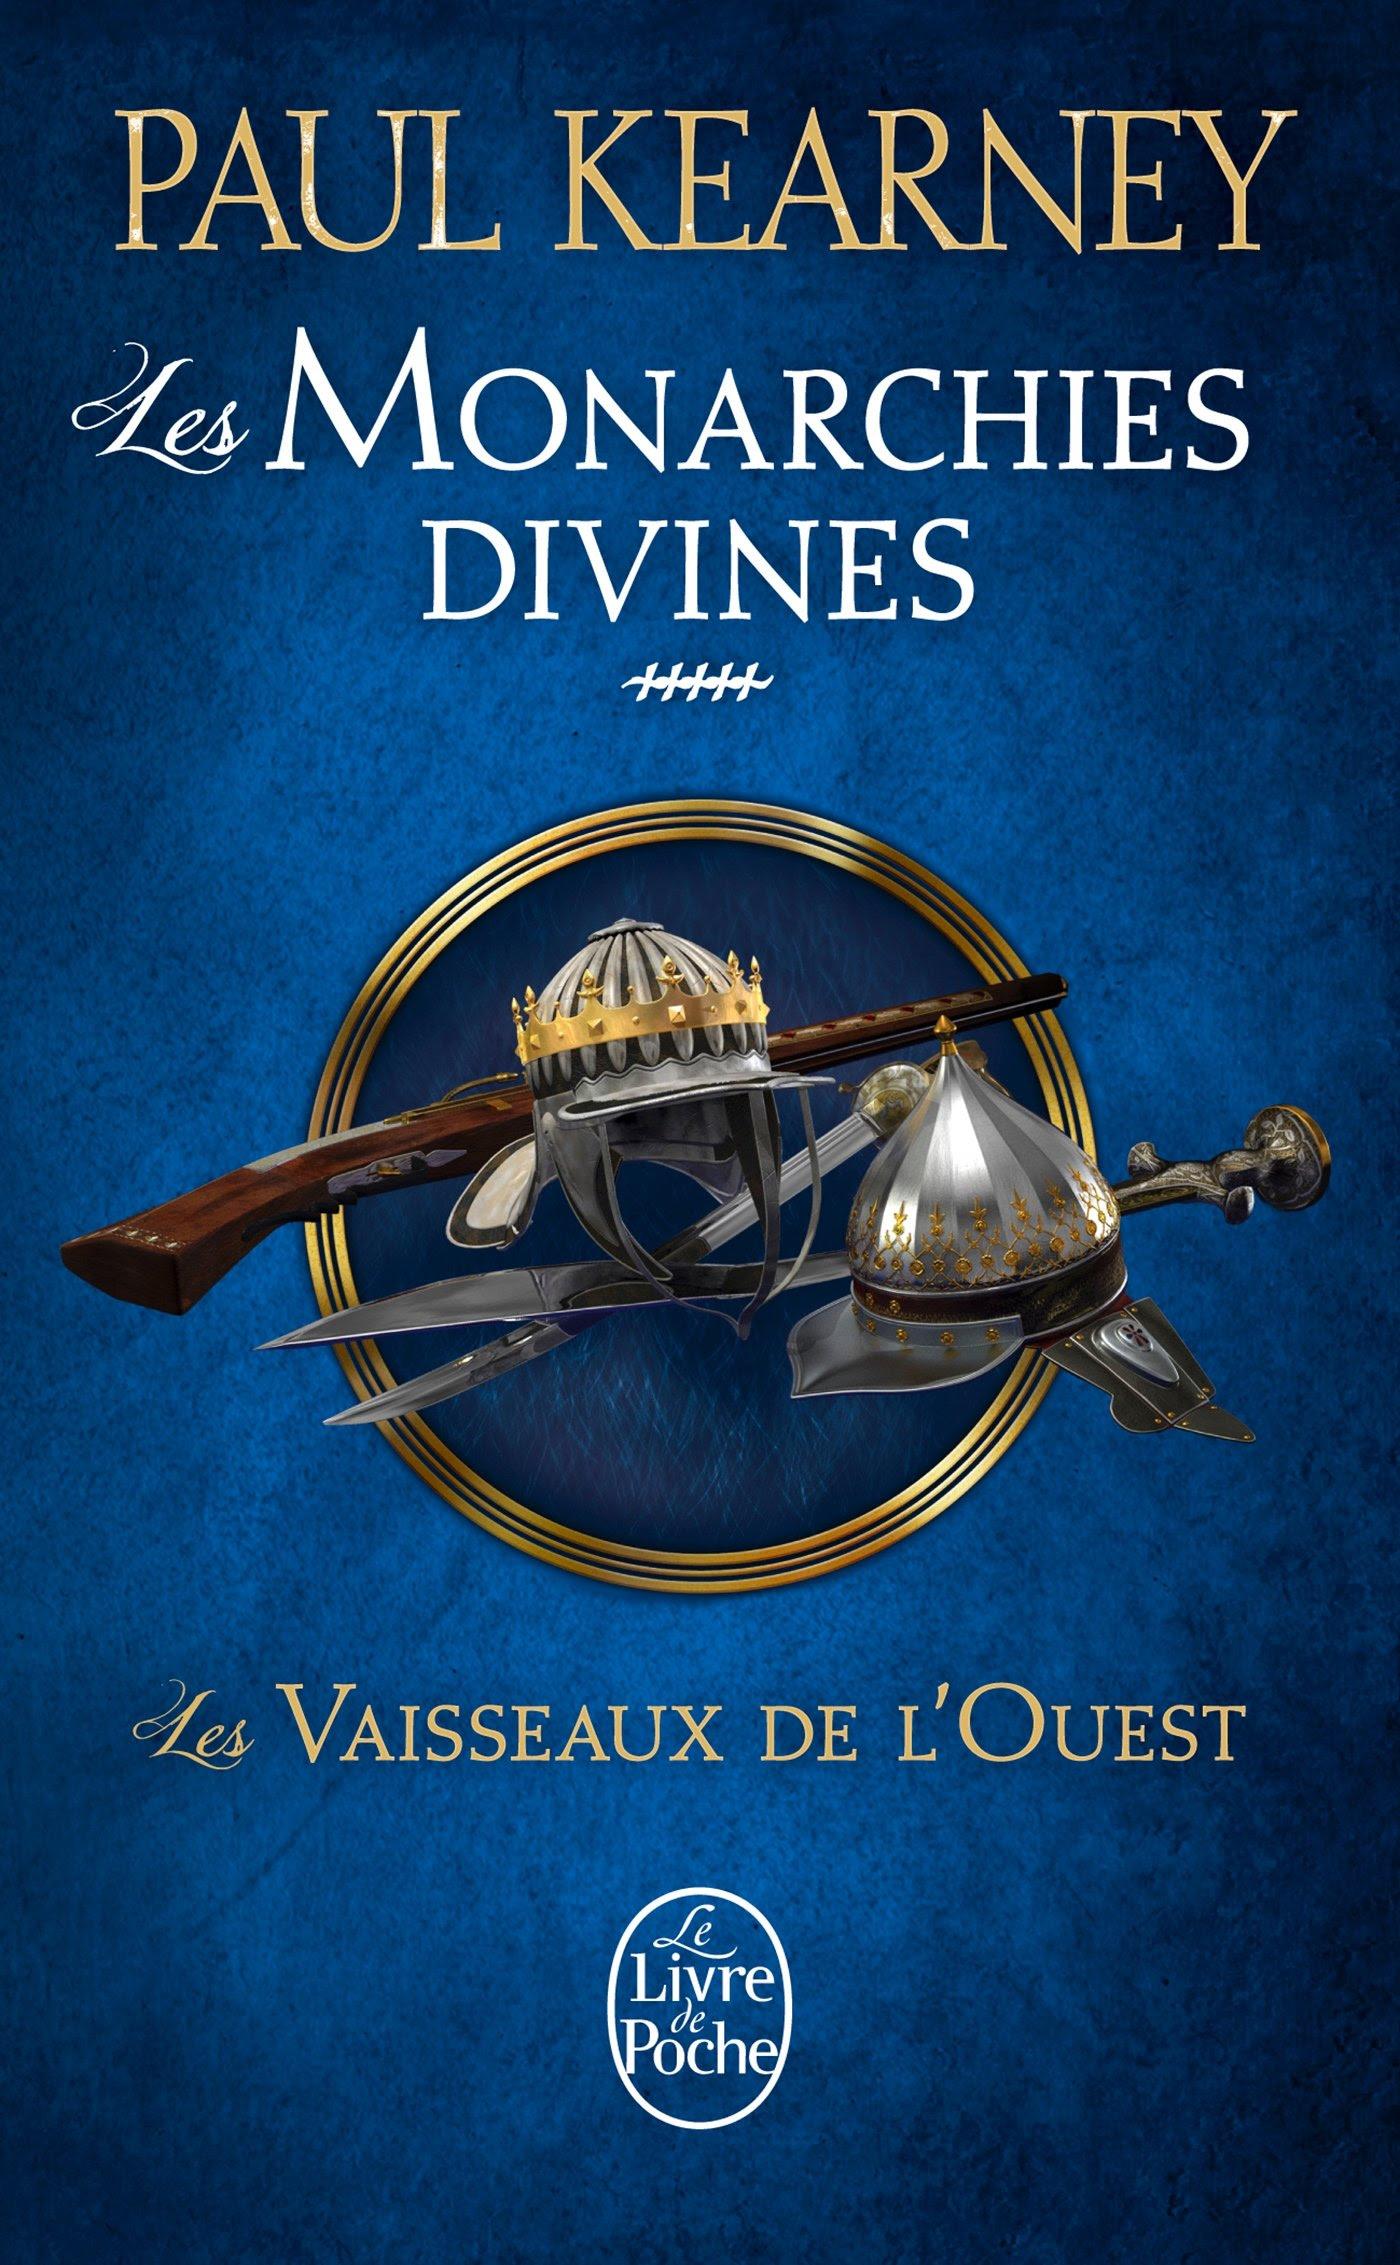 http://lesvictimesdelouve.blogspot.fr/2014/05/les-monarchies-divines-tome-5-les.html